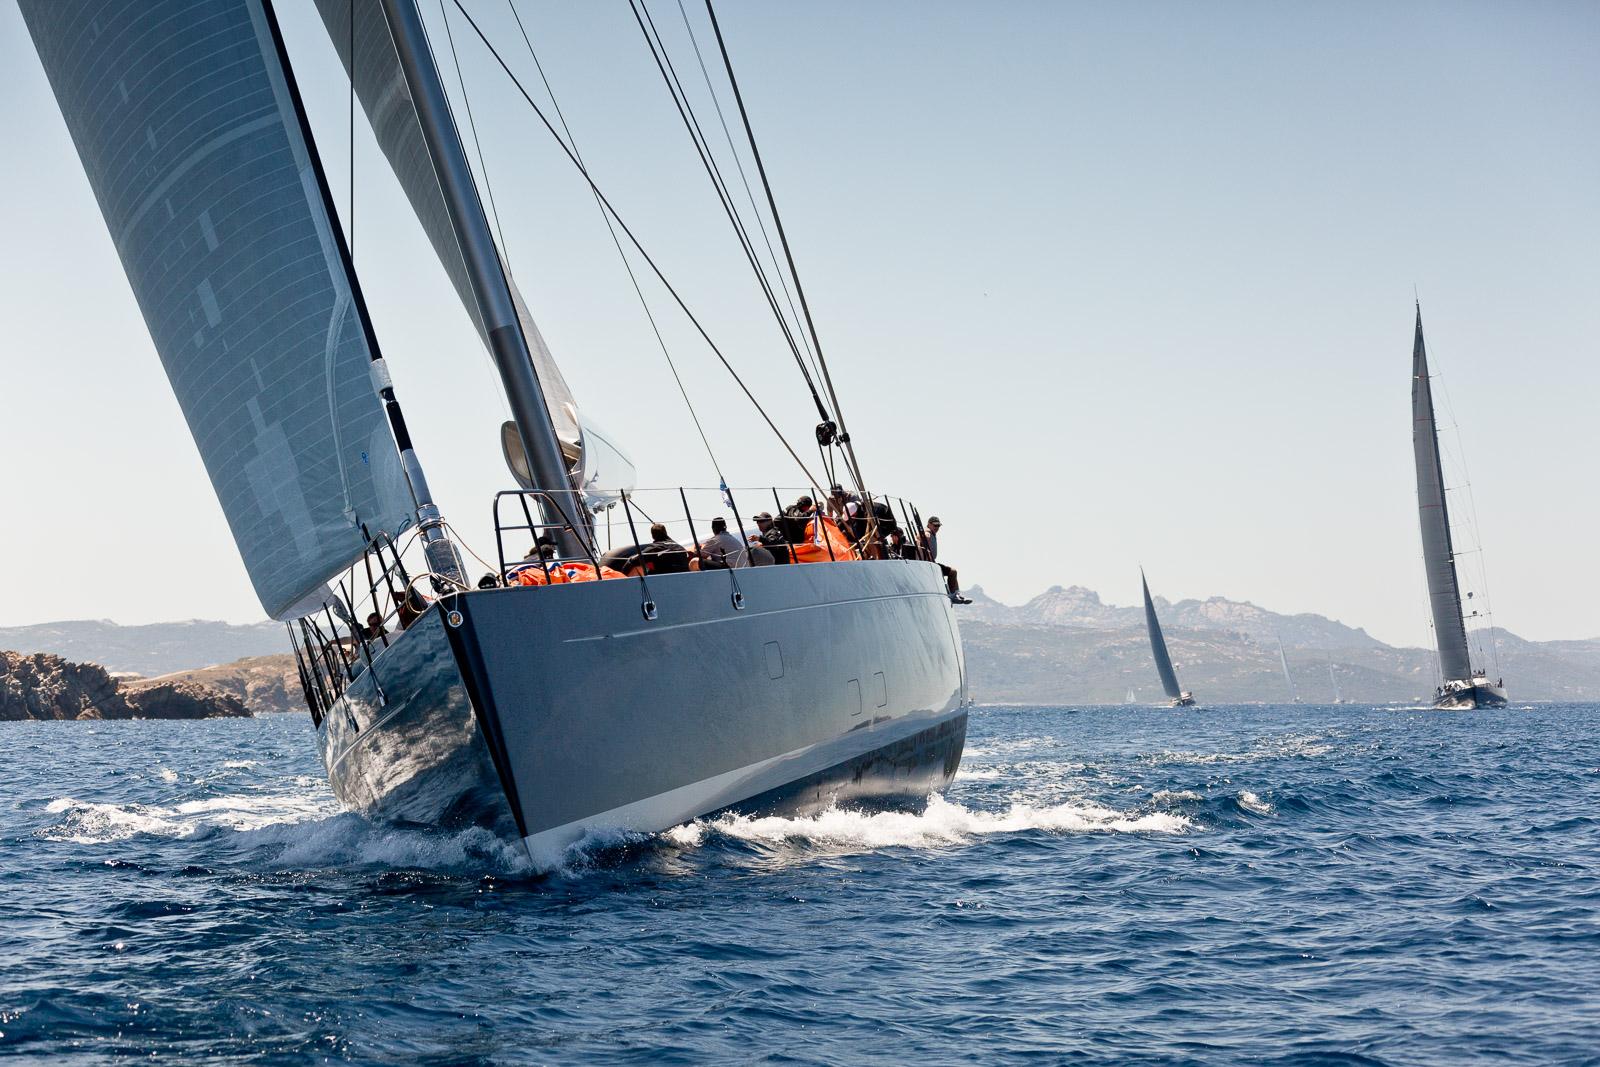 GANESHA VITTORIOSO ALLA DUBOIS CUP - NEWS - Yacht Club Costa Smeralda